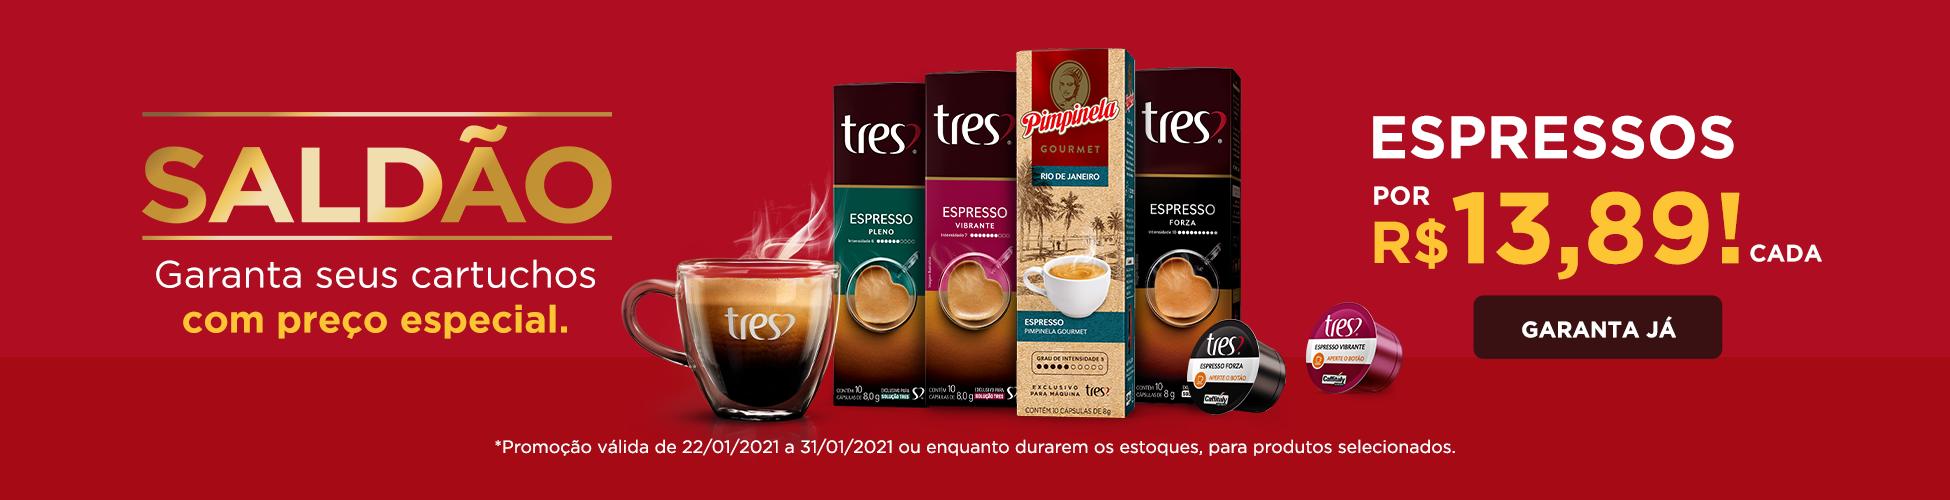 Saldão TRES - Espressos